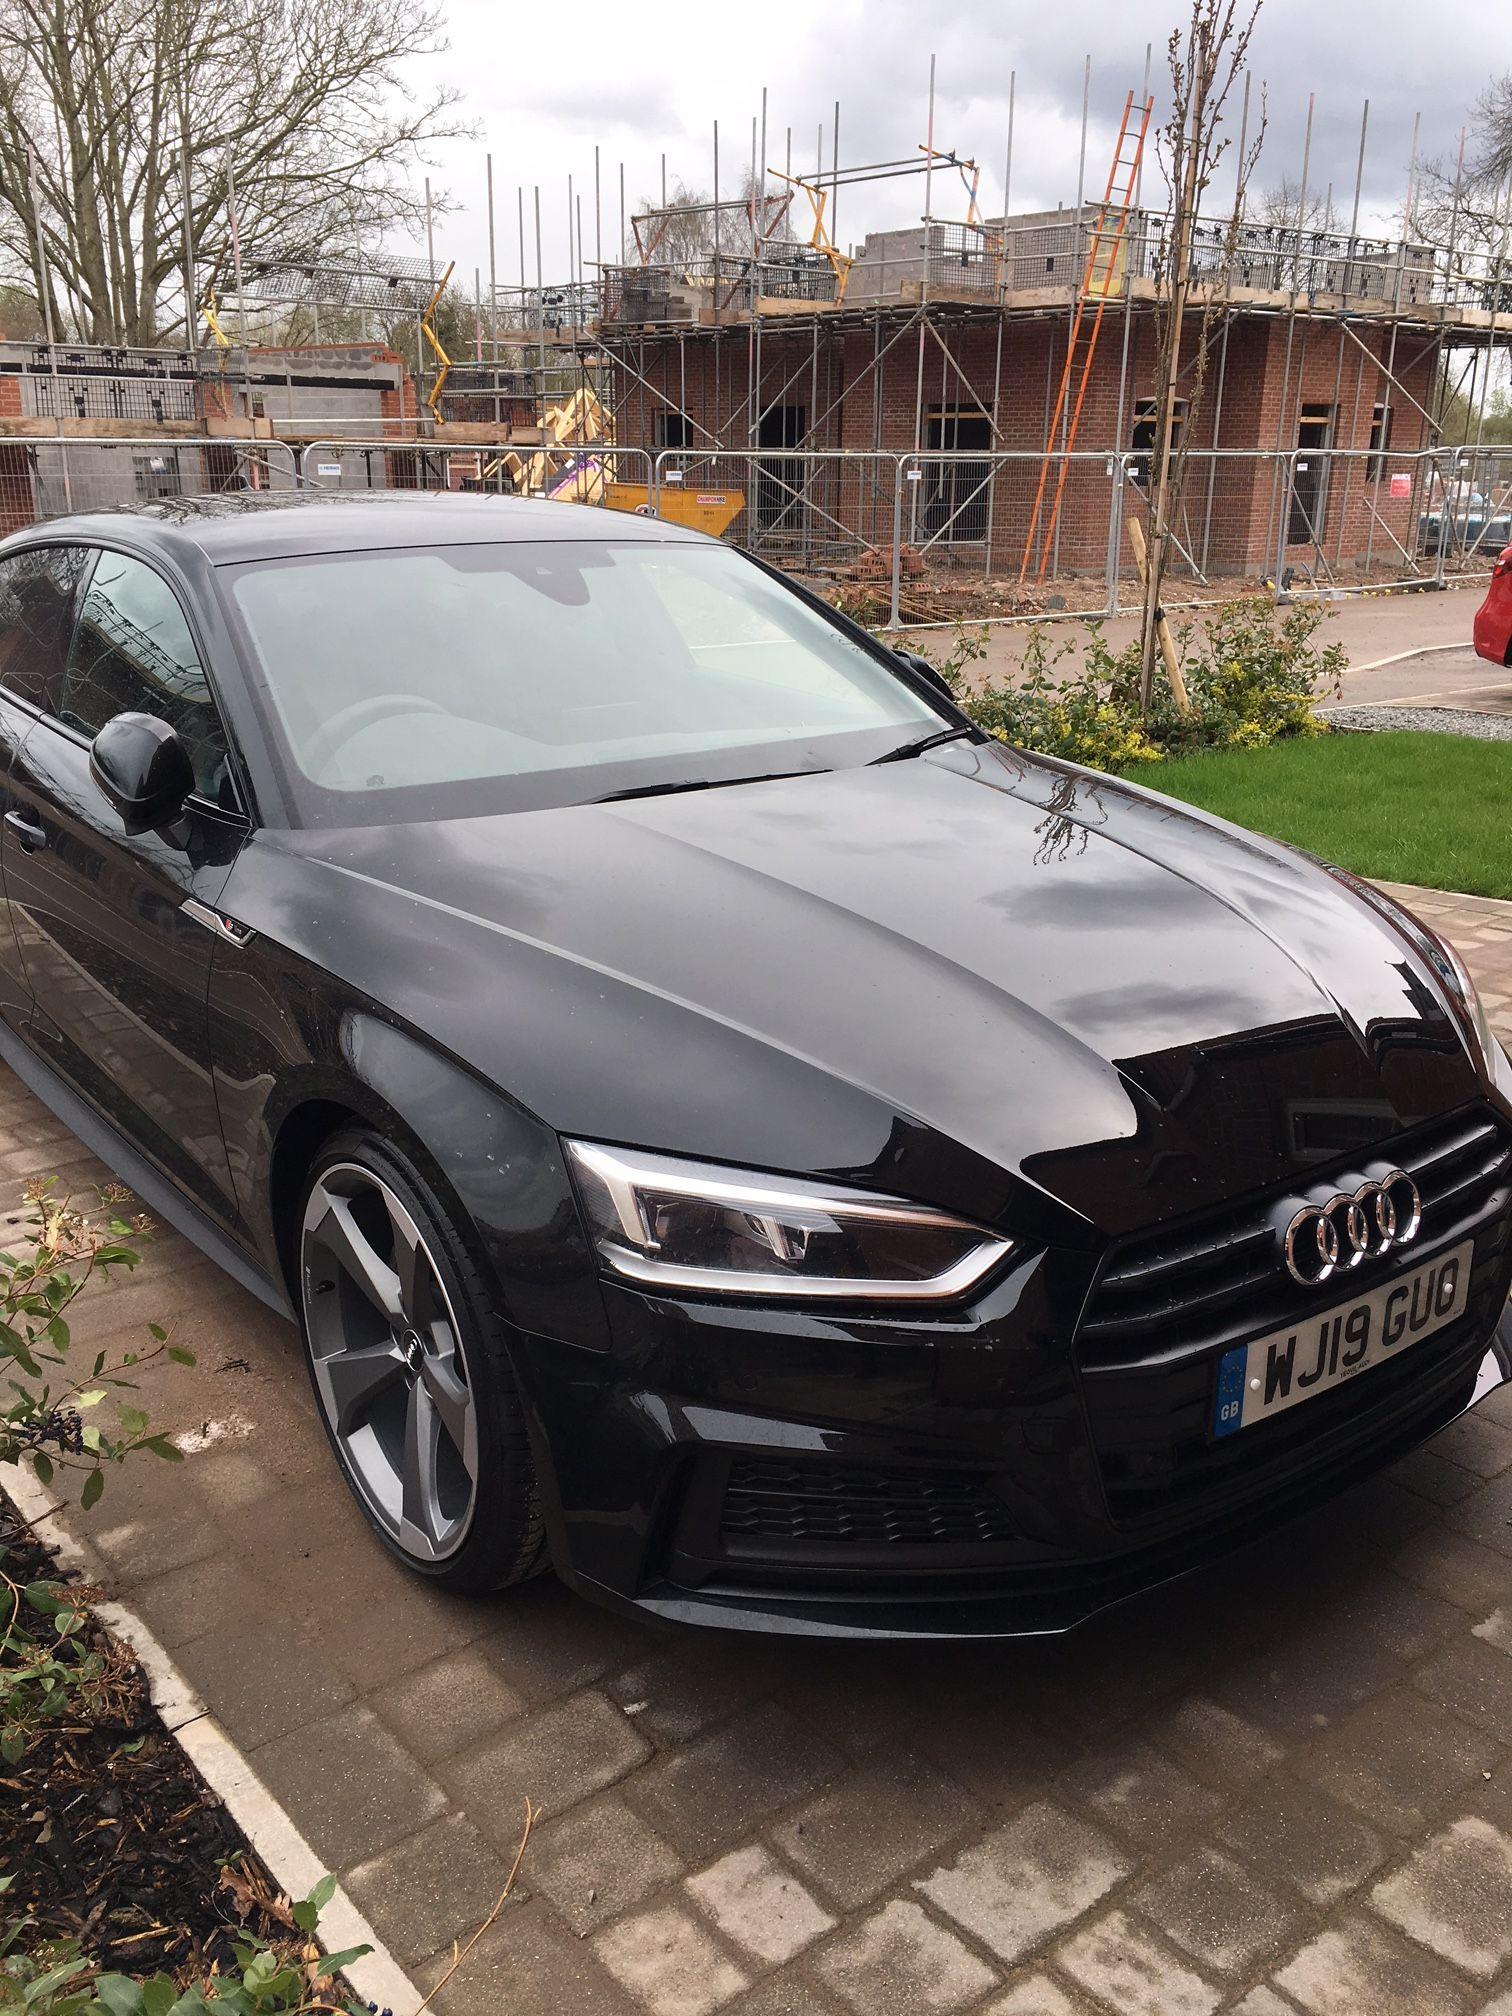 Audi A5 | Audi a5, Audi a5 sportback, A5 sportback | Audi A5 Sportback Black Edition |  | Pinterest